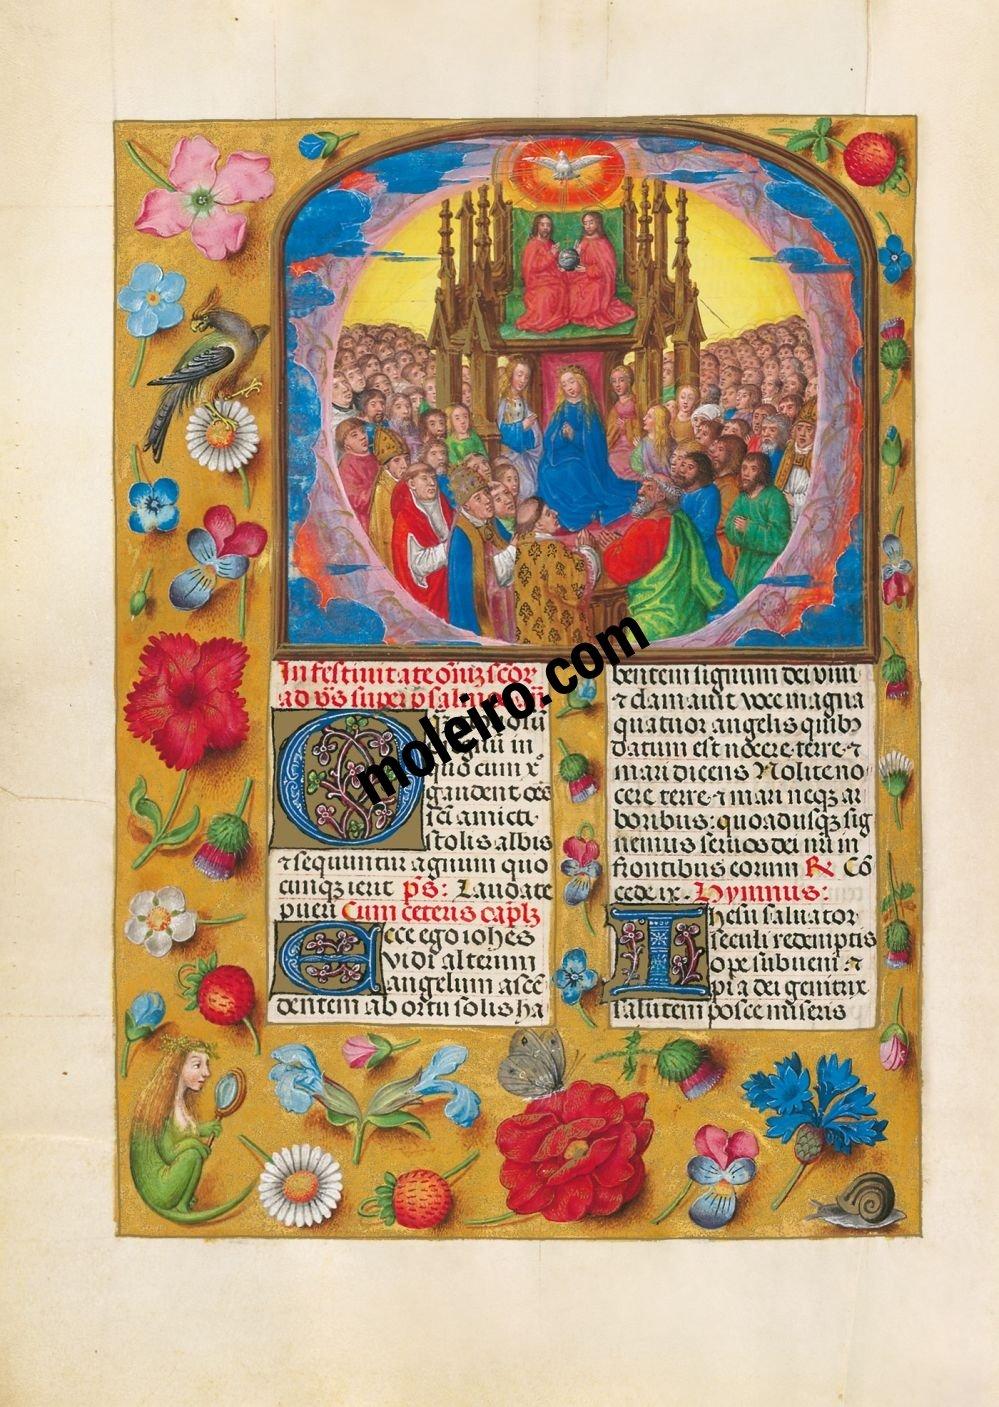 Breviário de Isabel, a Católica f. 477v, Festa de todos os santos